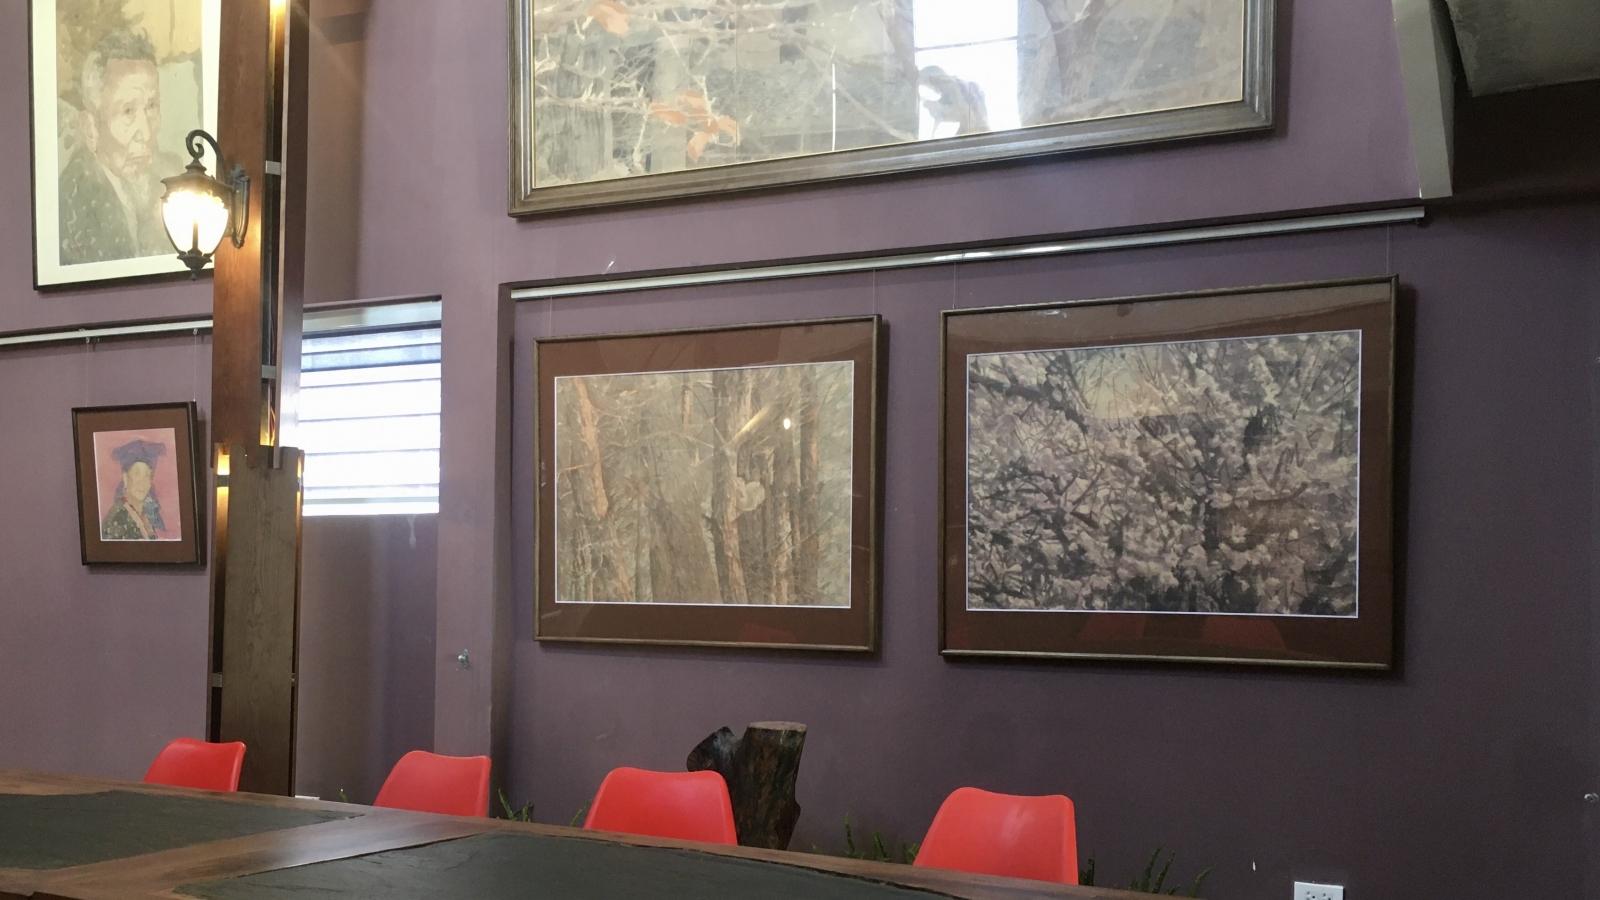 Ra mắt không gian triển lãm tranh trên giấy dó tại Hà Nội